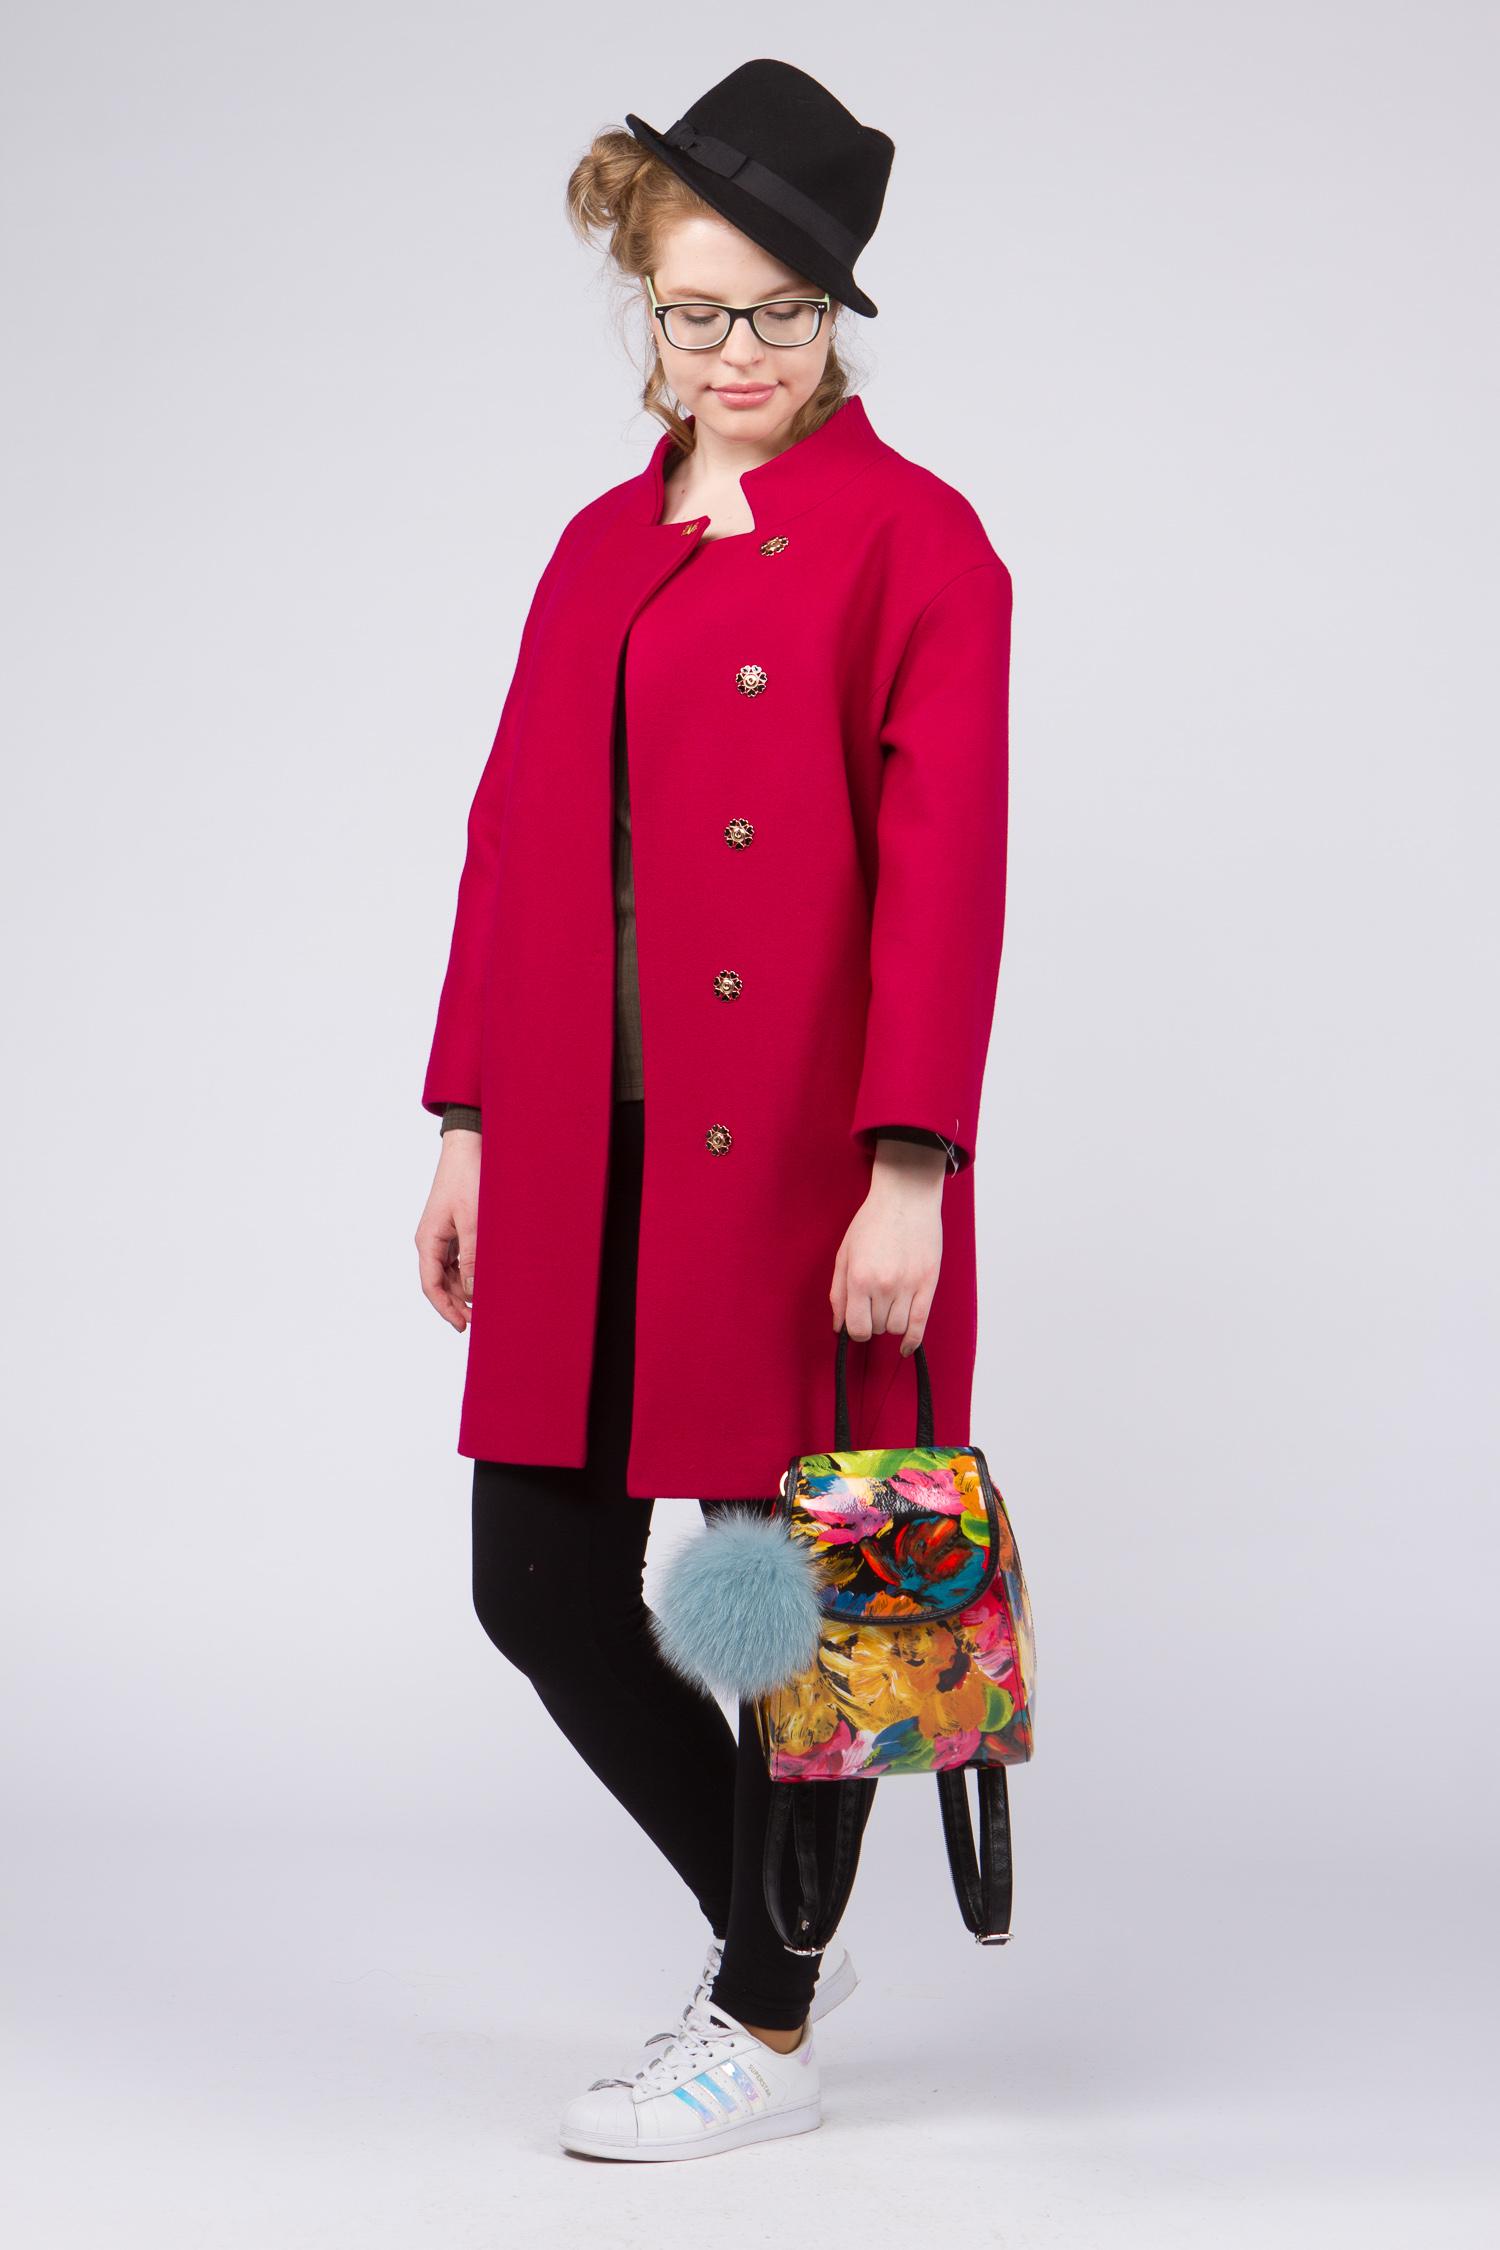 Женское пальто с воротником, без отделкиСтильное и одновременно элегантное шерстяное пальто, выполненное из натуральных итальянских тканей с использованием высококачественной фурнитуры. Сочетает в себе<br>безупречный крой и оригинальное дизайнерское решение.<br>Модель представляет собой не просто верхнюю одежду, это - must have для любой модницы.<br><br>Воротник: стойка<br>Длина см: Средняя (75-89 )<br>Материал: Комбинированный состав<br>Цвет: фуксия<br>Вид застежки: косая<br>Застежка: на кнопки<br>Пол: Женский<br>Размер RU: 48